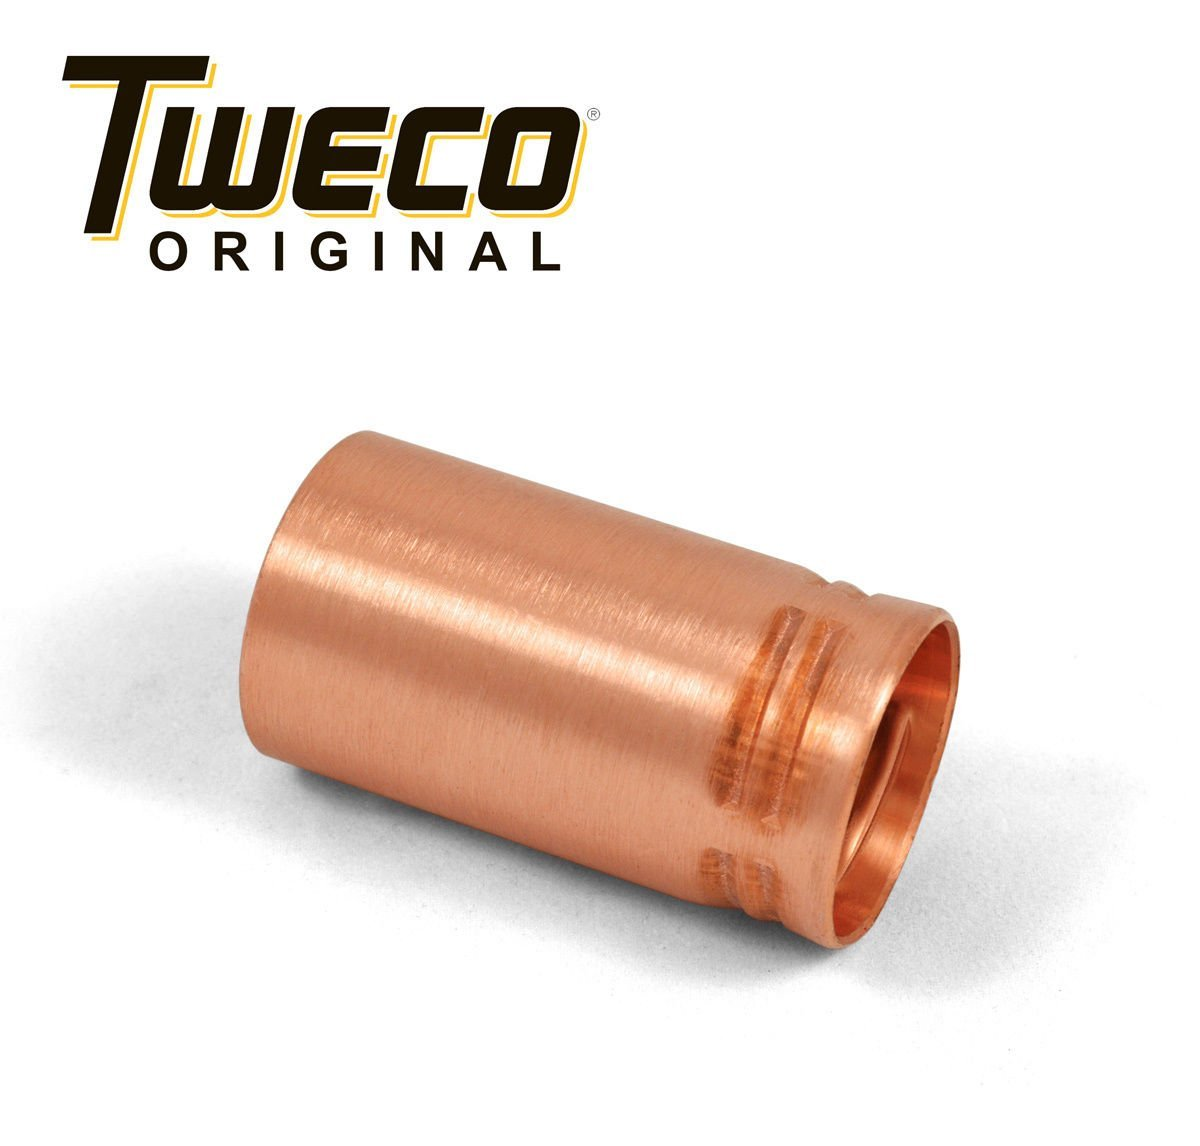 Forney 60173 Contact Tip For Mig Welding 4-Pack Tweco Binzel or Clarke.045